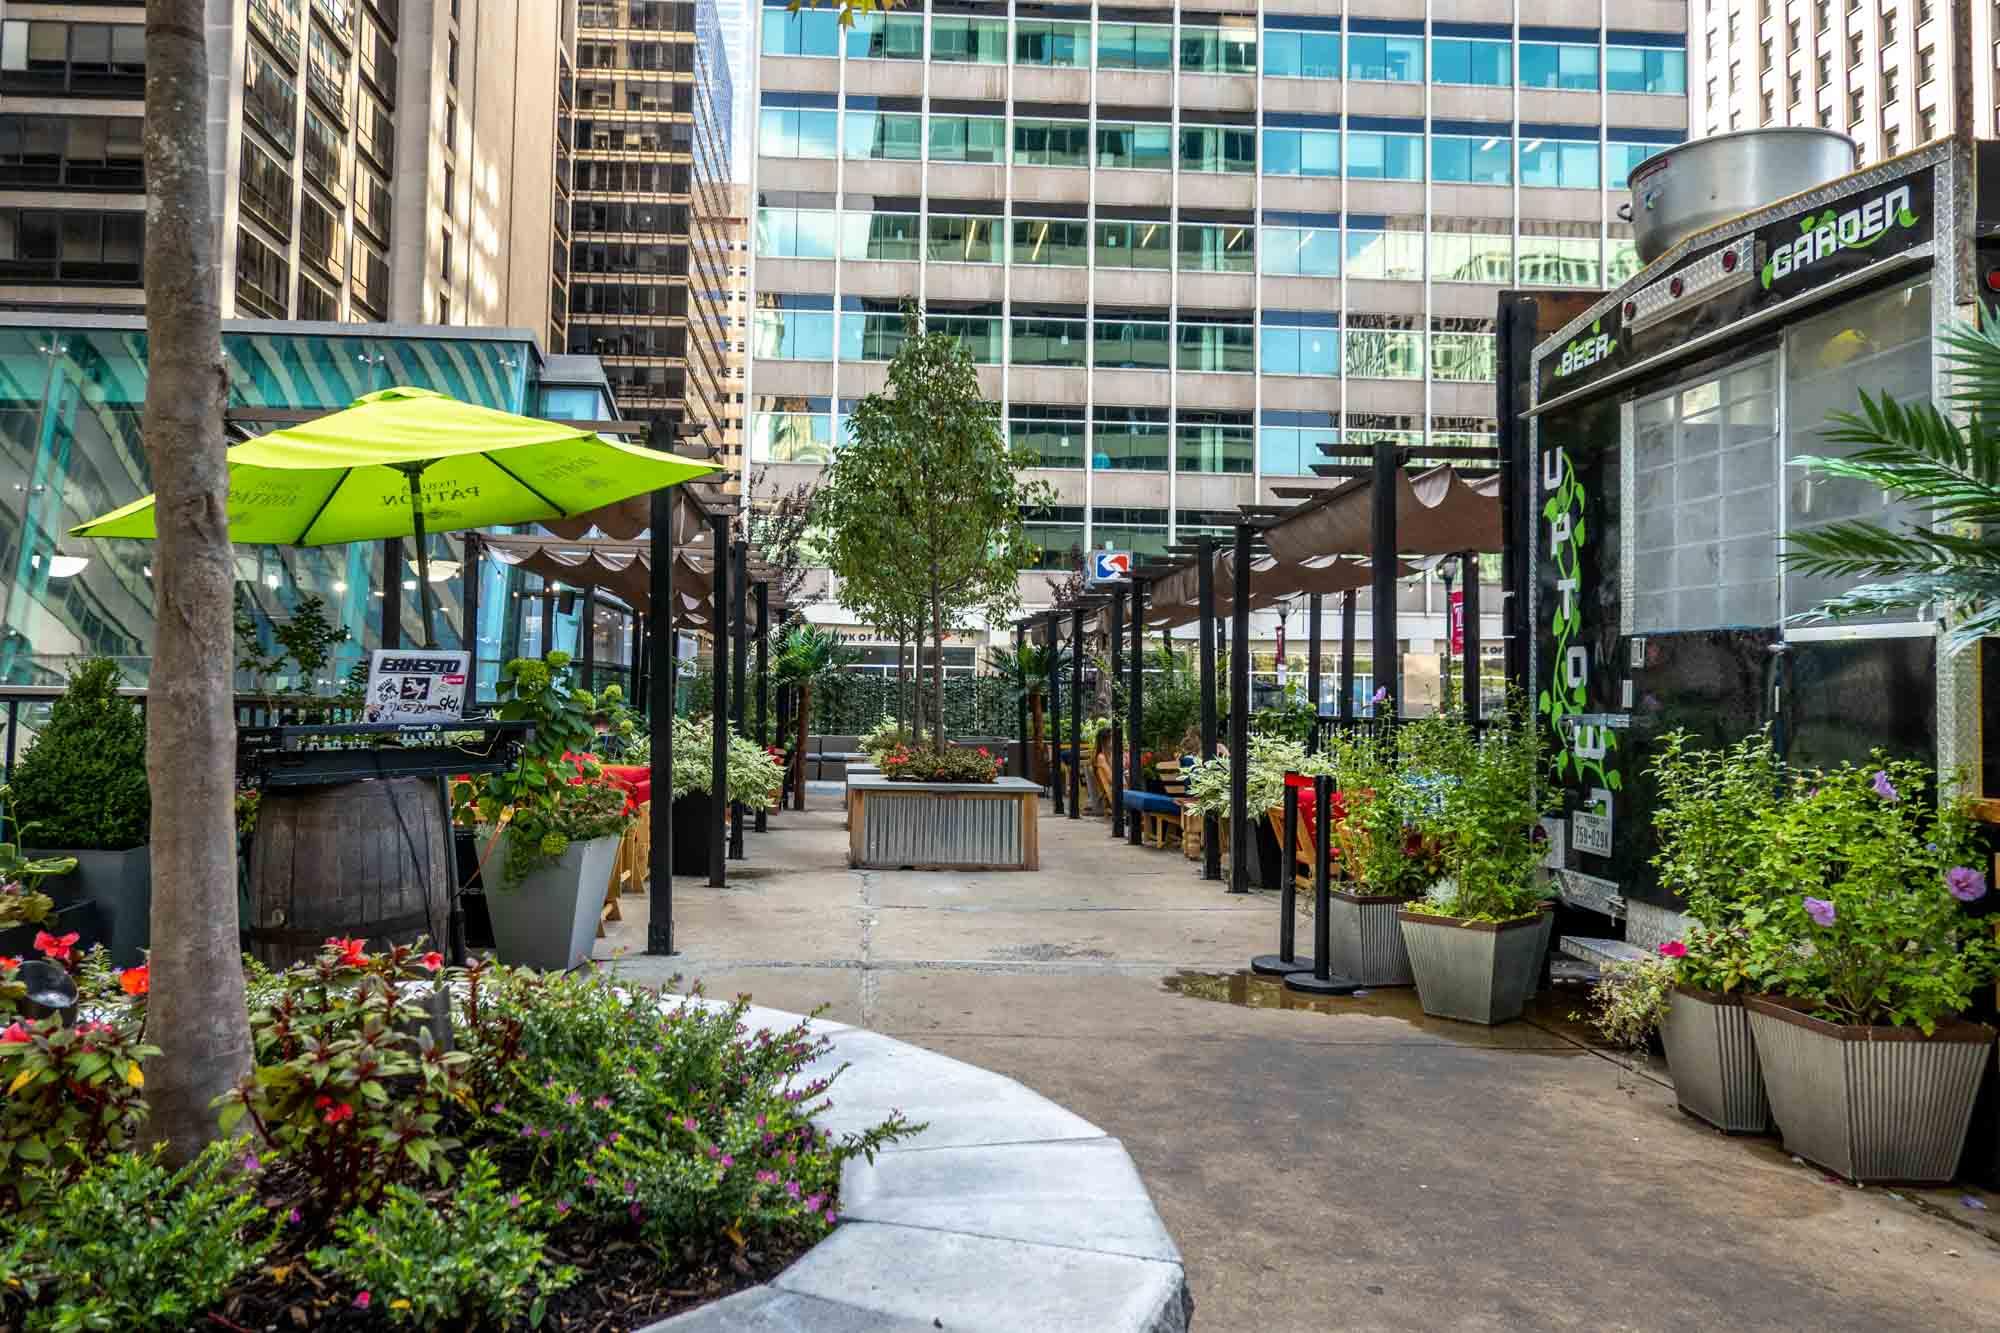 Outdoor pop up garden in a city